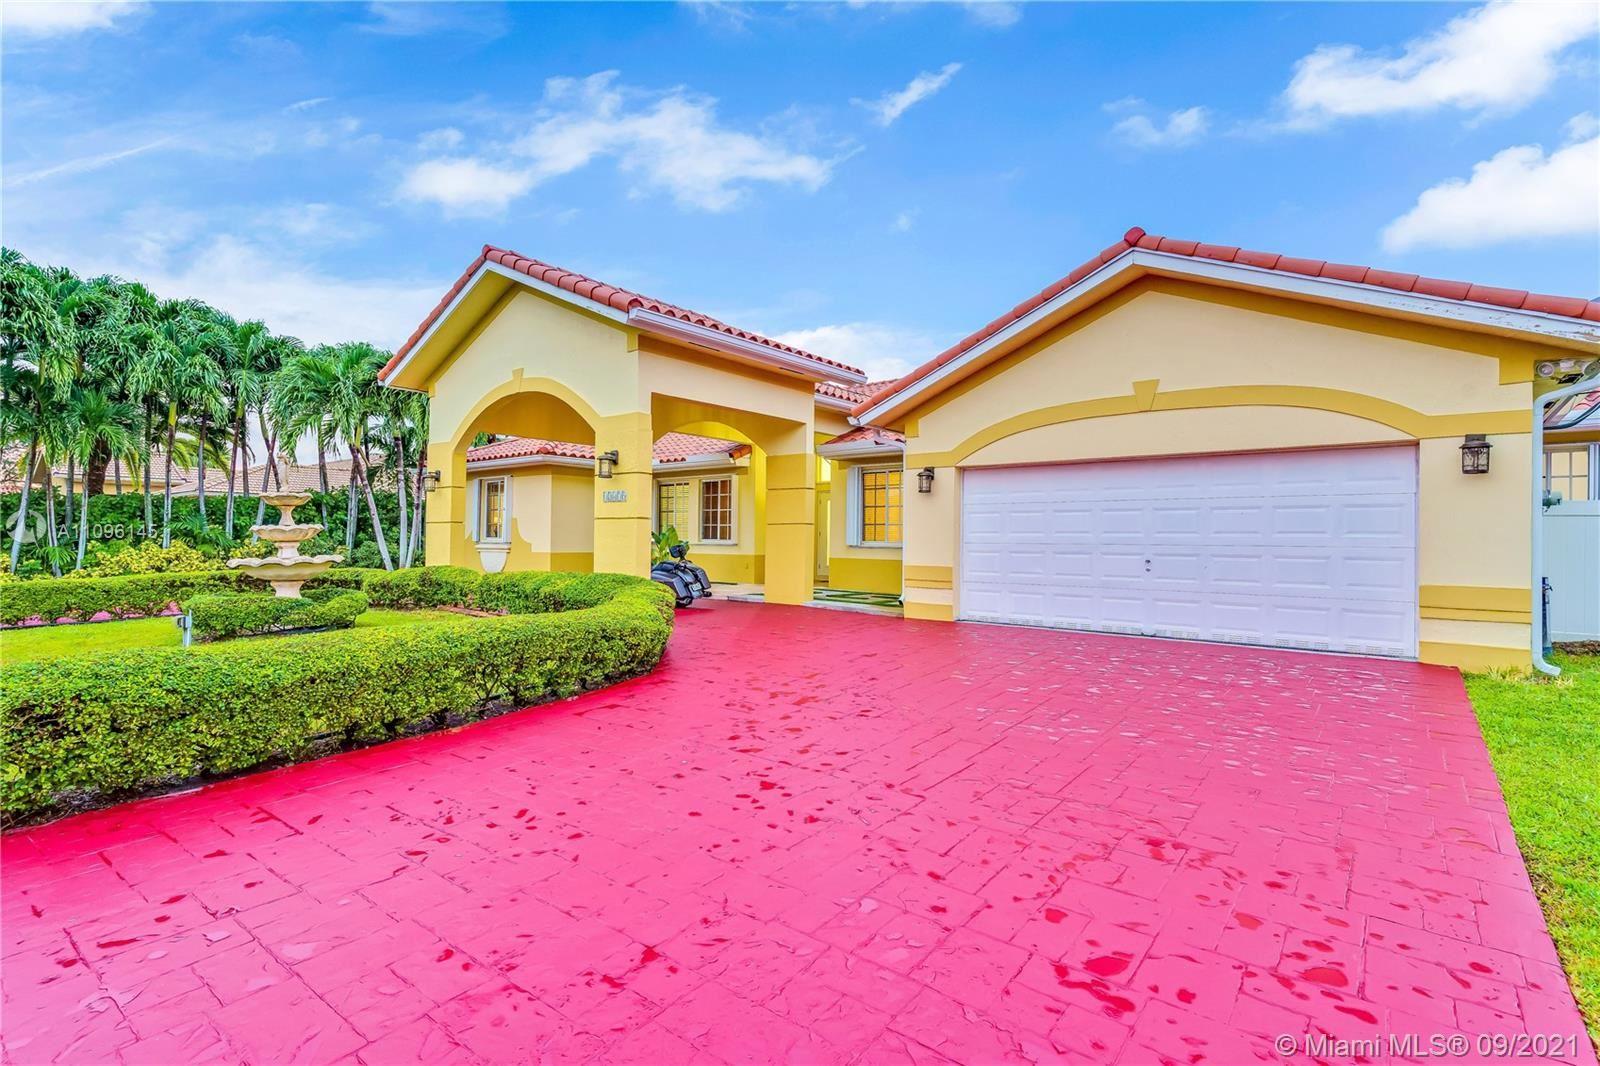 12475 NW 6th St, Miami, FL 33182 - #: A11096145